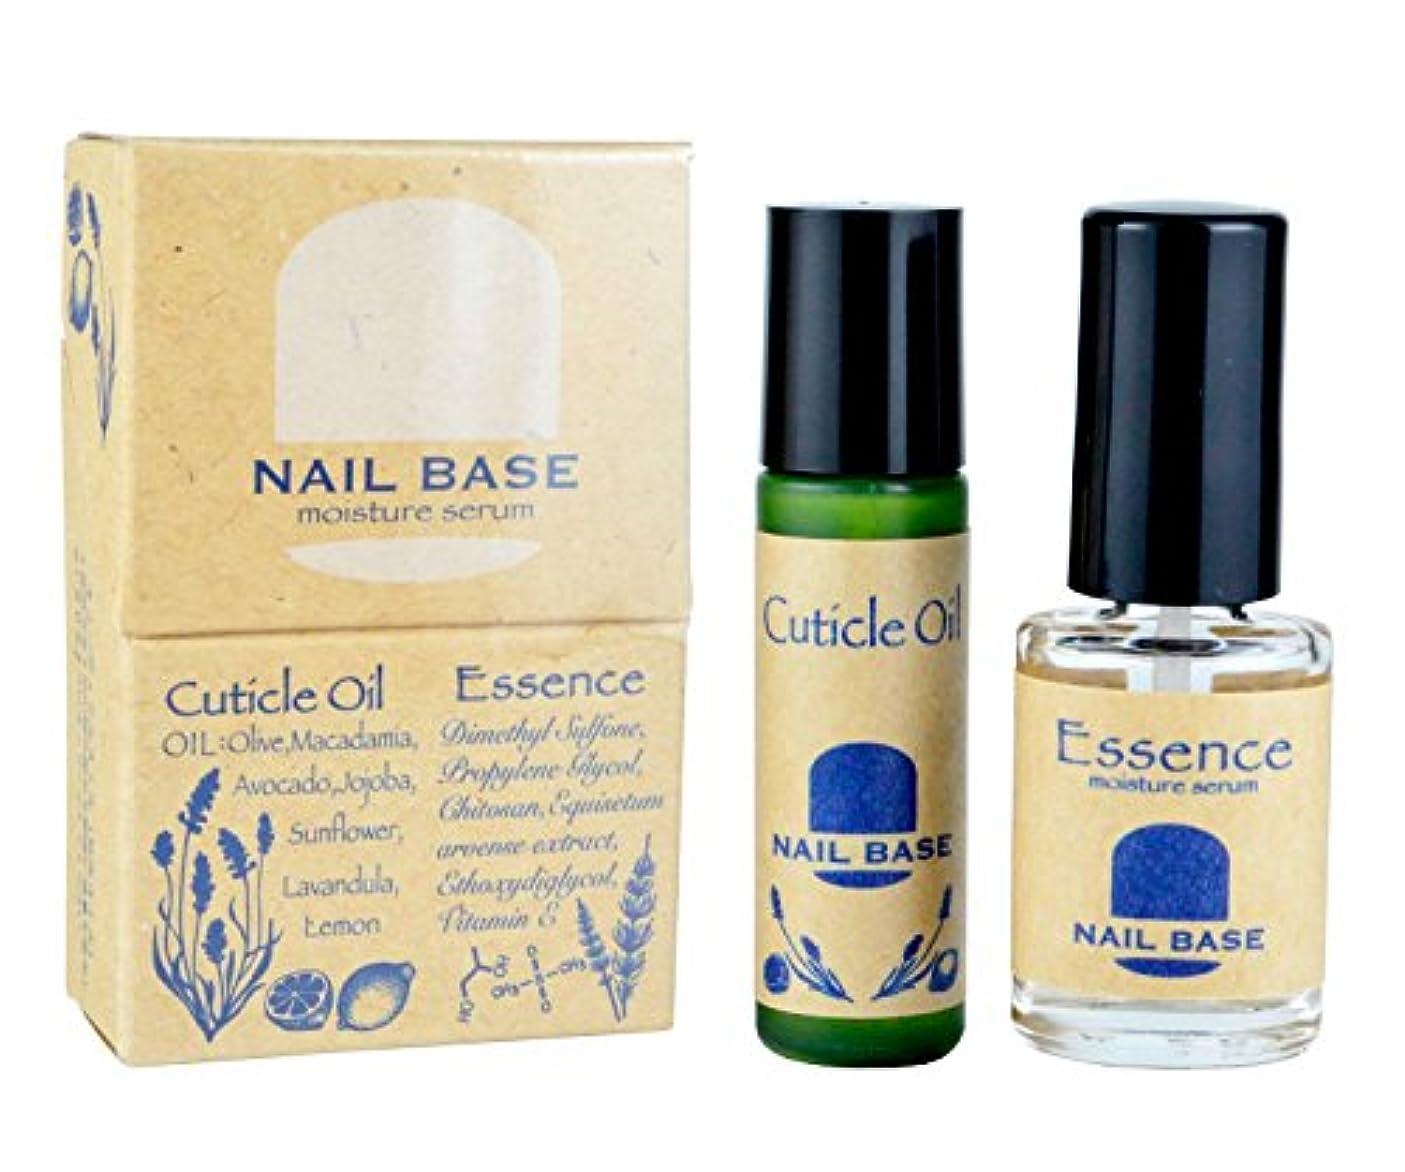 クライマックス虐殺移行するNAIL BASE キューティクルオイルと爪の美容液のセット